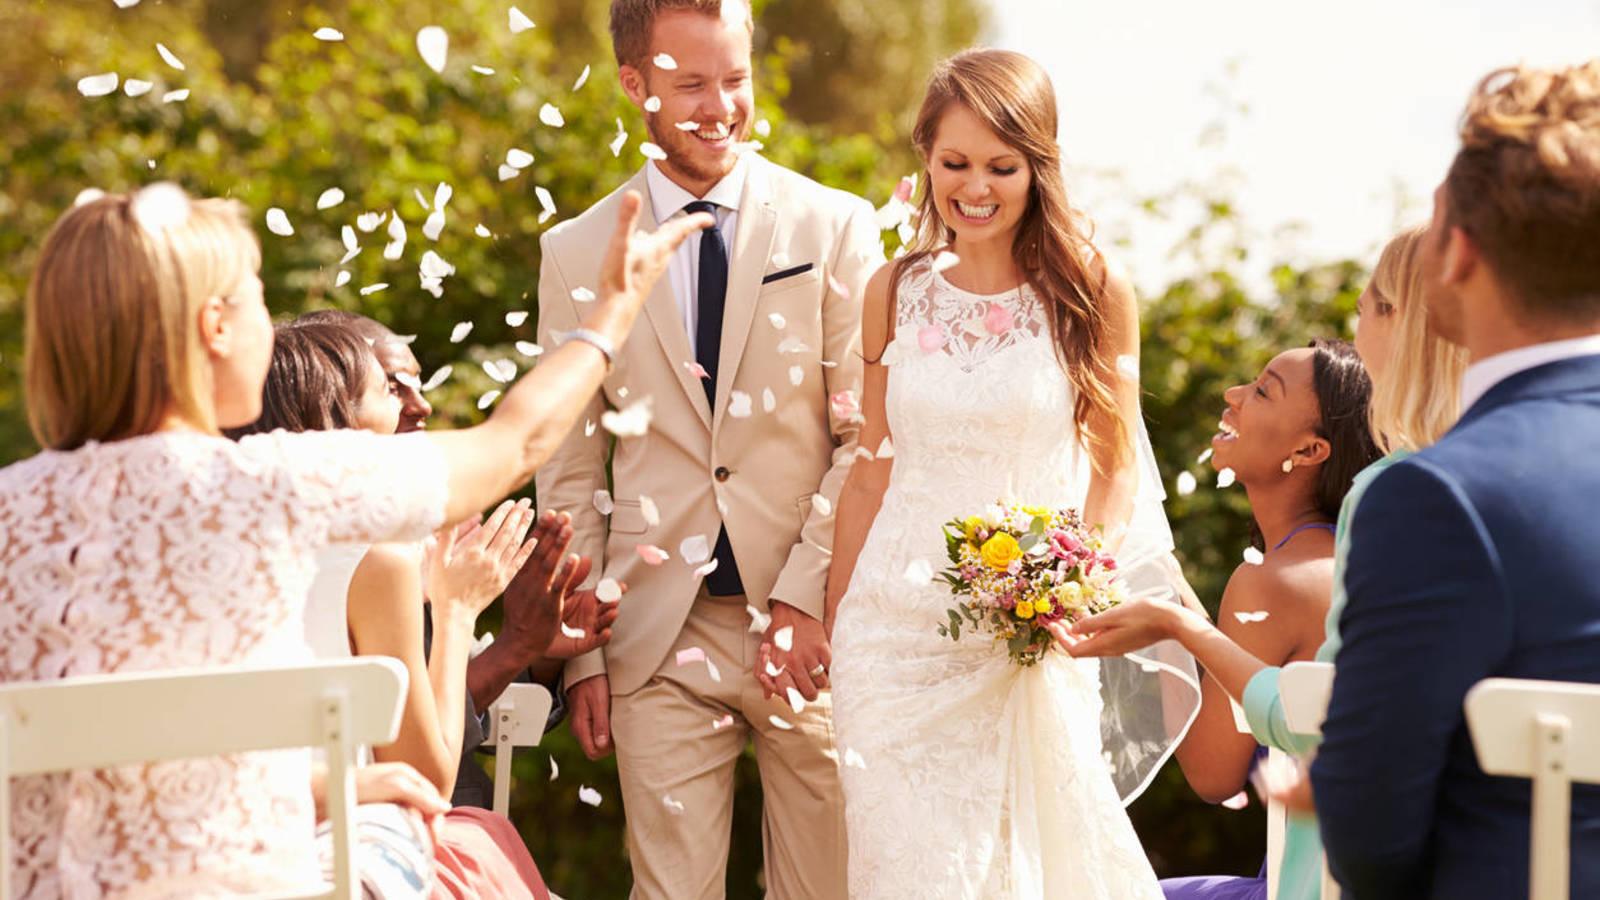 Primiti cu nunta?